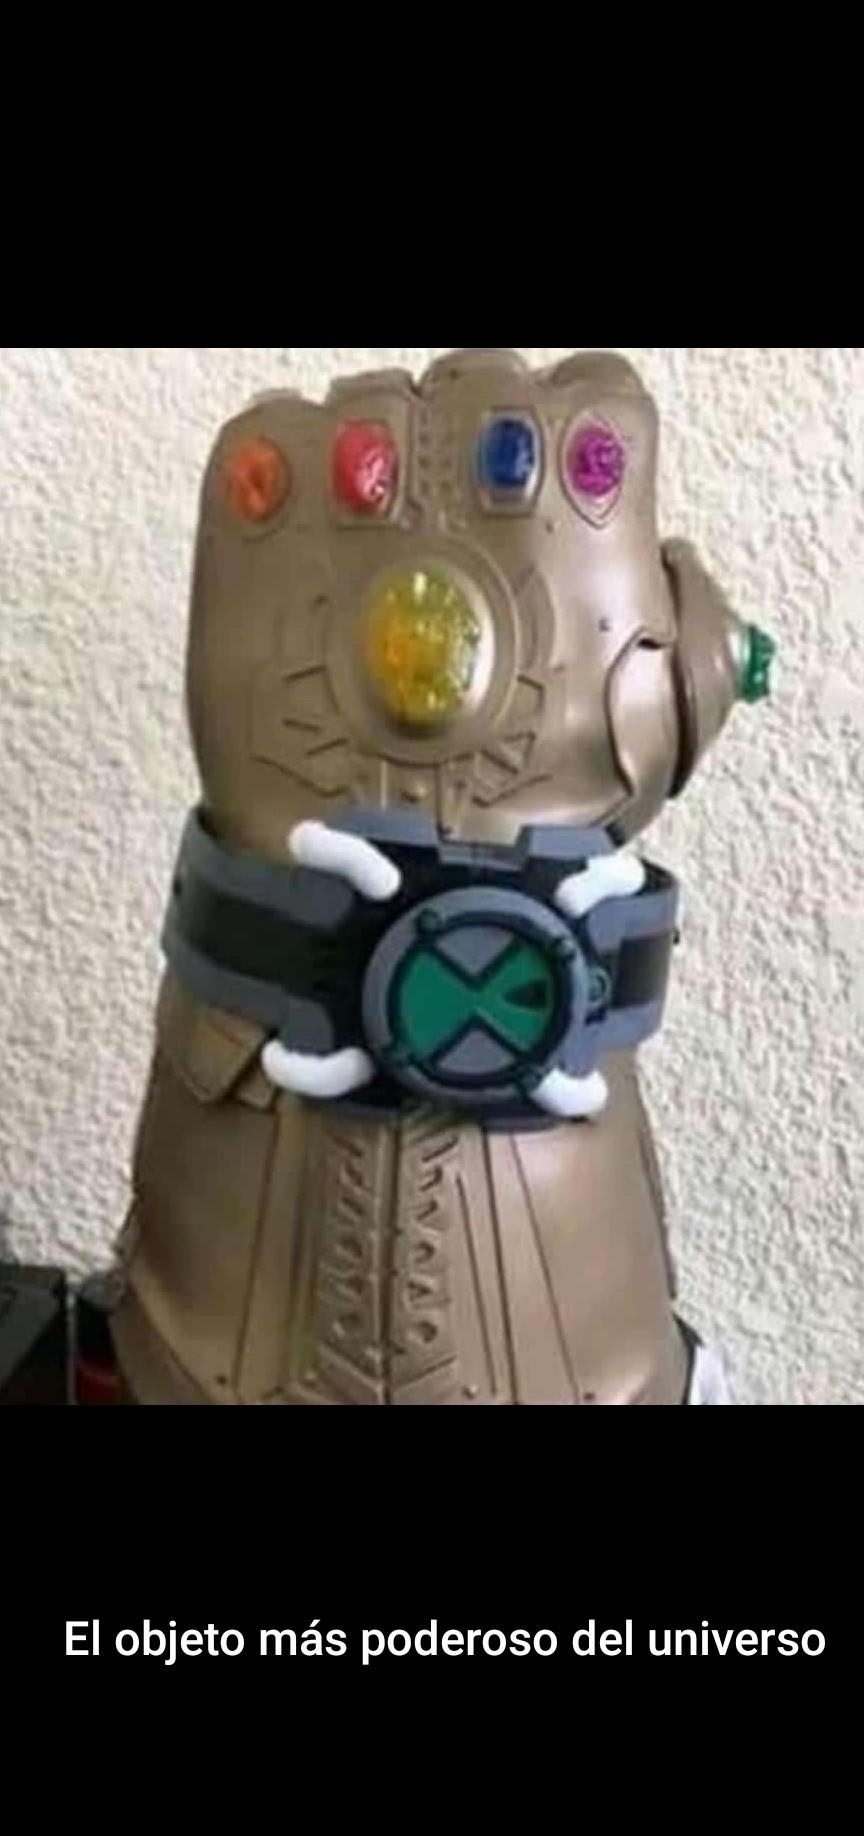 Imagínense... materia gris con ese guante XD - meme